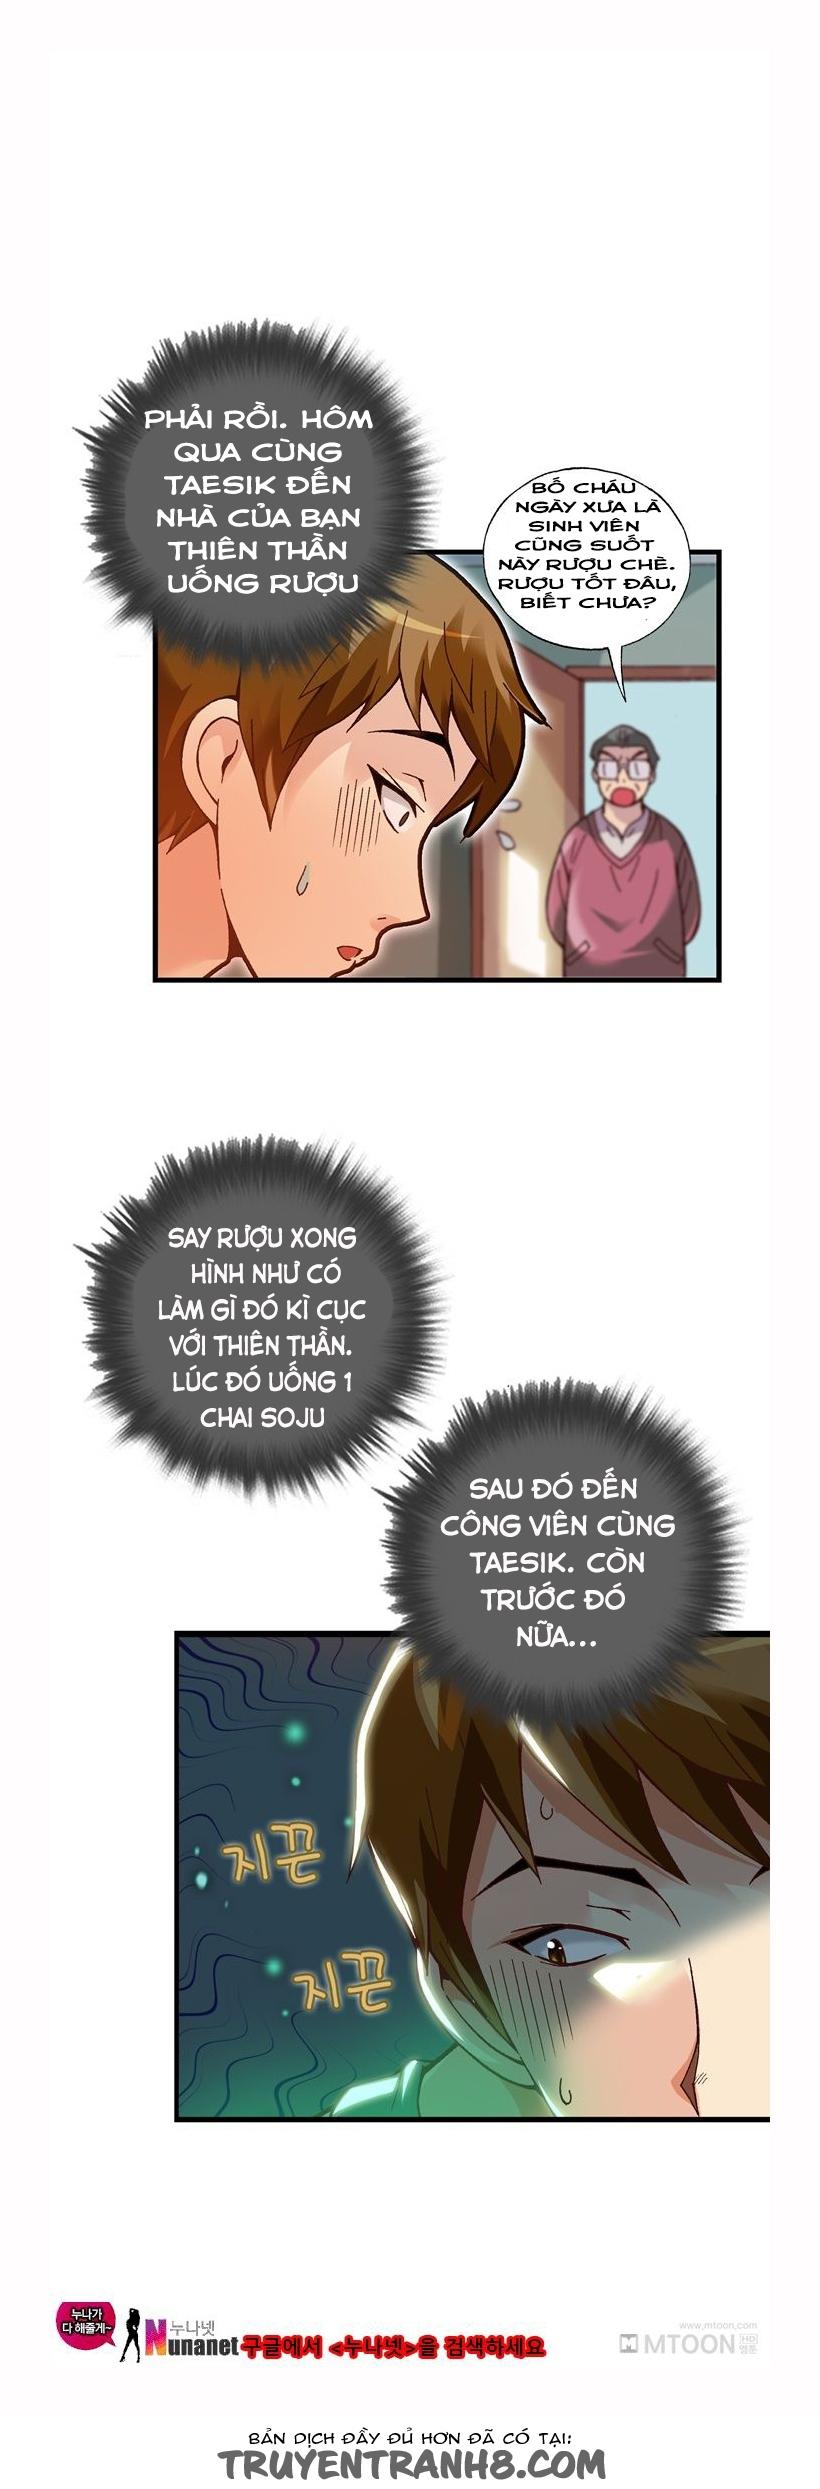 Hình ảnh 05 trong bài viết [Siêu phẩm] Hentai Màu Xin lỗi tớ thật dâm đãng